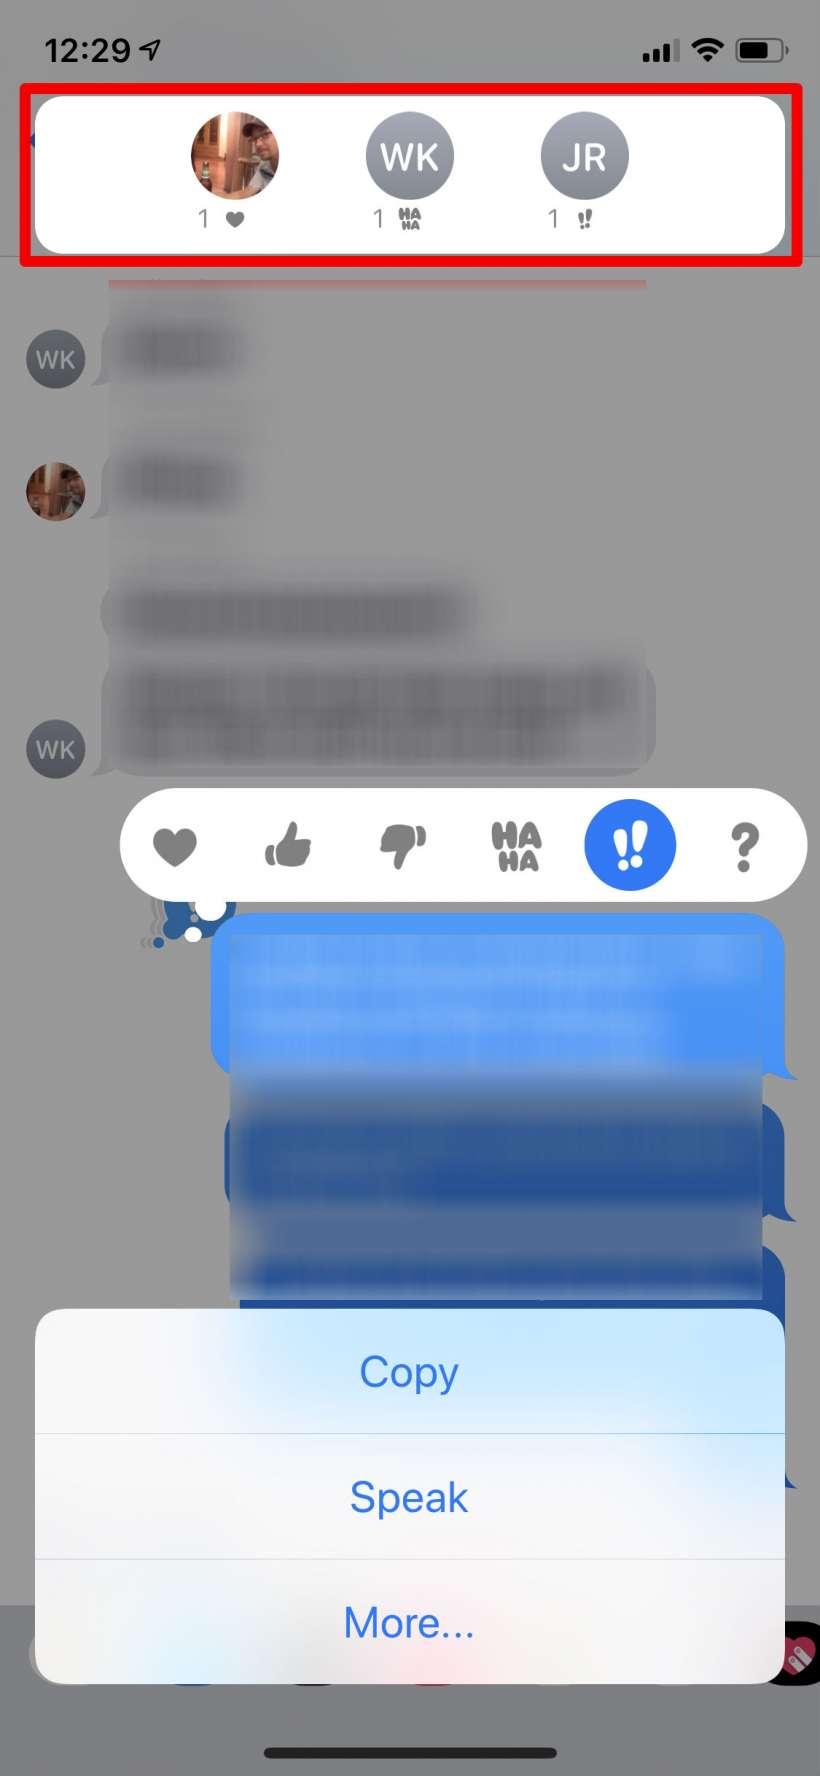 Como se puede ver a quien le gustó o no, o dio mis mensajes en el iPhone.